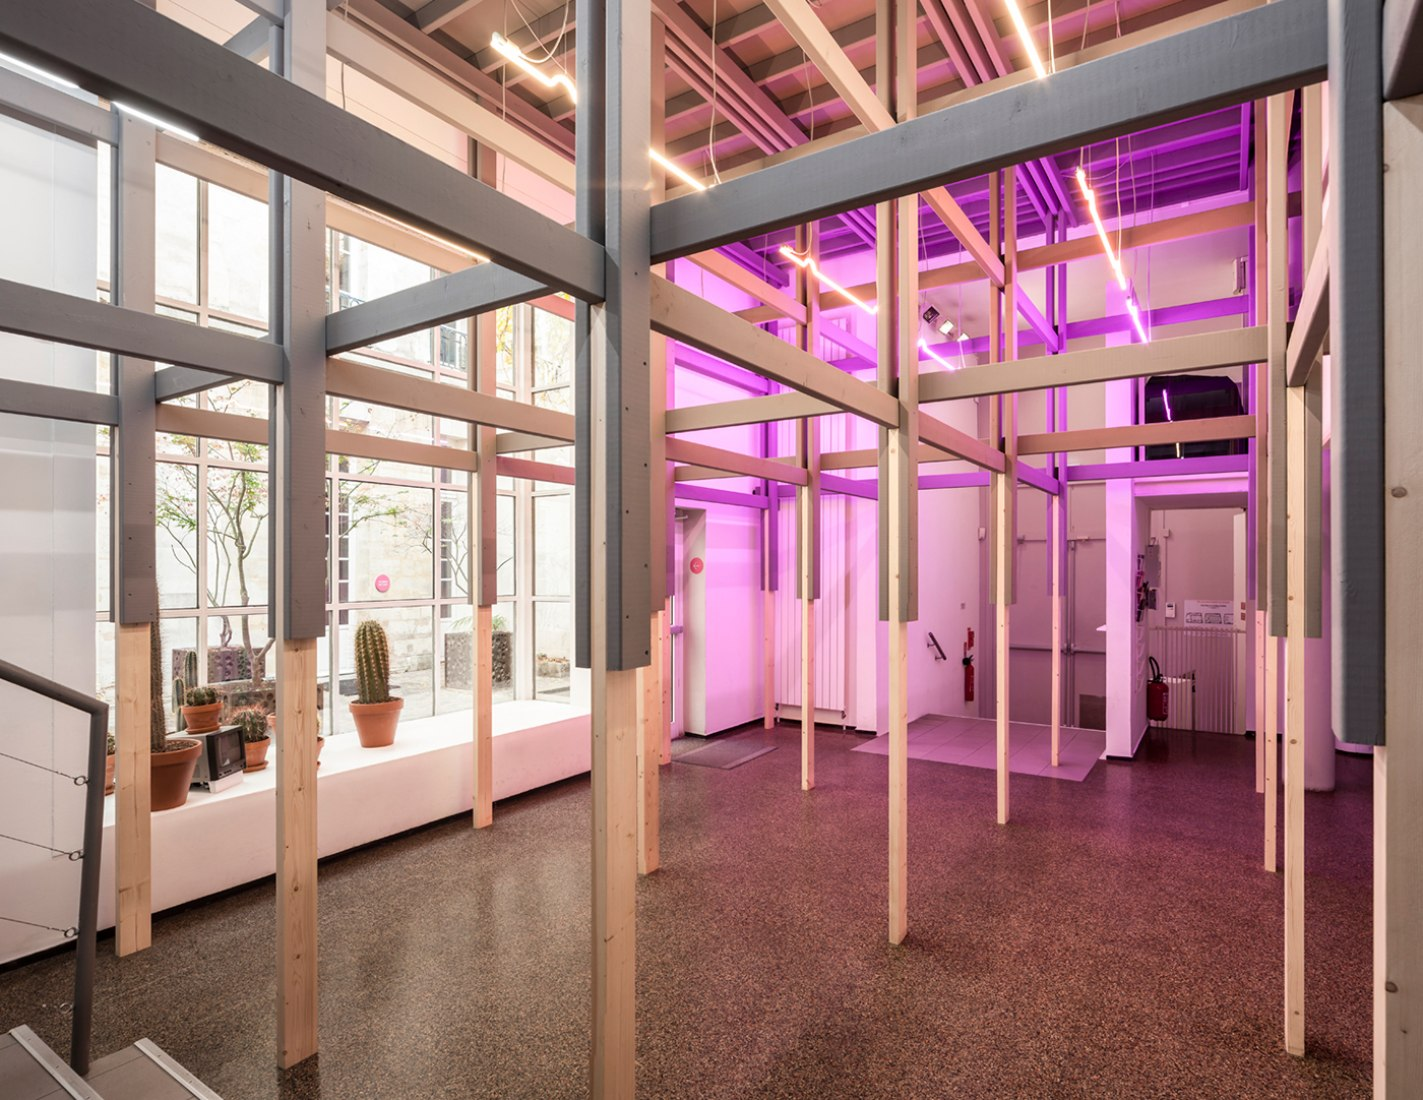 Centre Culturel Suisse in Paris después de la intervención por BUREAU A. Fotografía © Dylan Perrenoud.